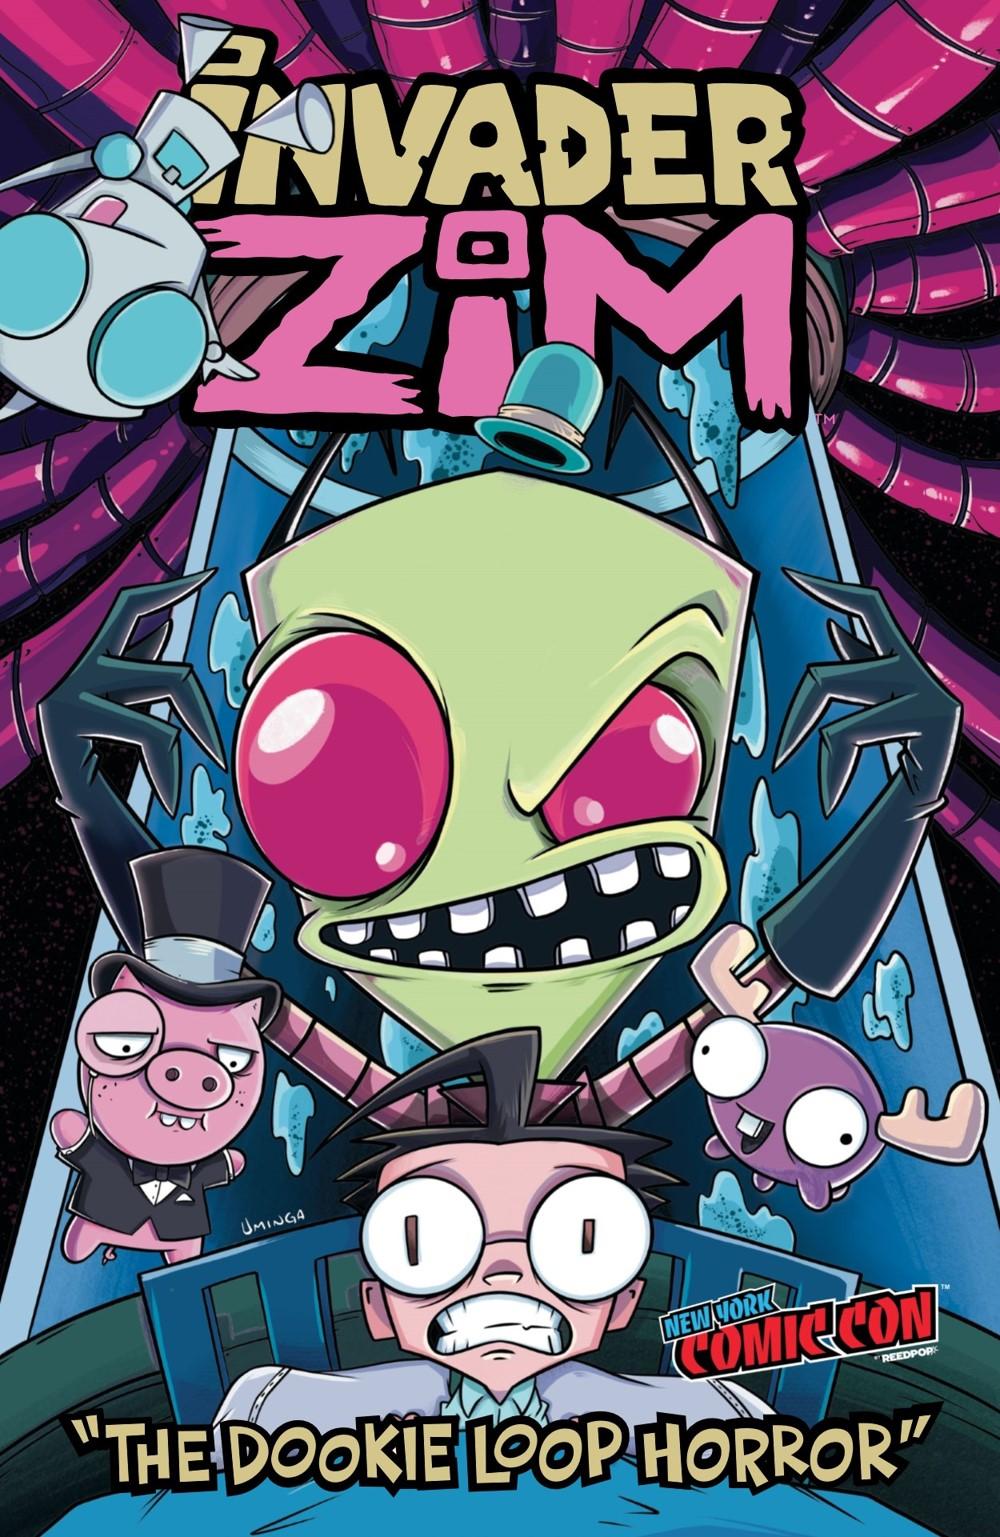 INVADERZIM-DOOKIE-LOOP-HORROR-MARKETING-05 ComicList Previews: INVADER ZIM THE DOOKIE LOOP HORROR #1